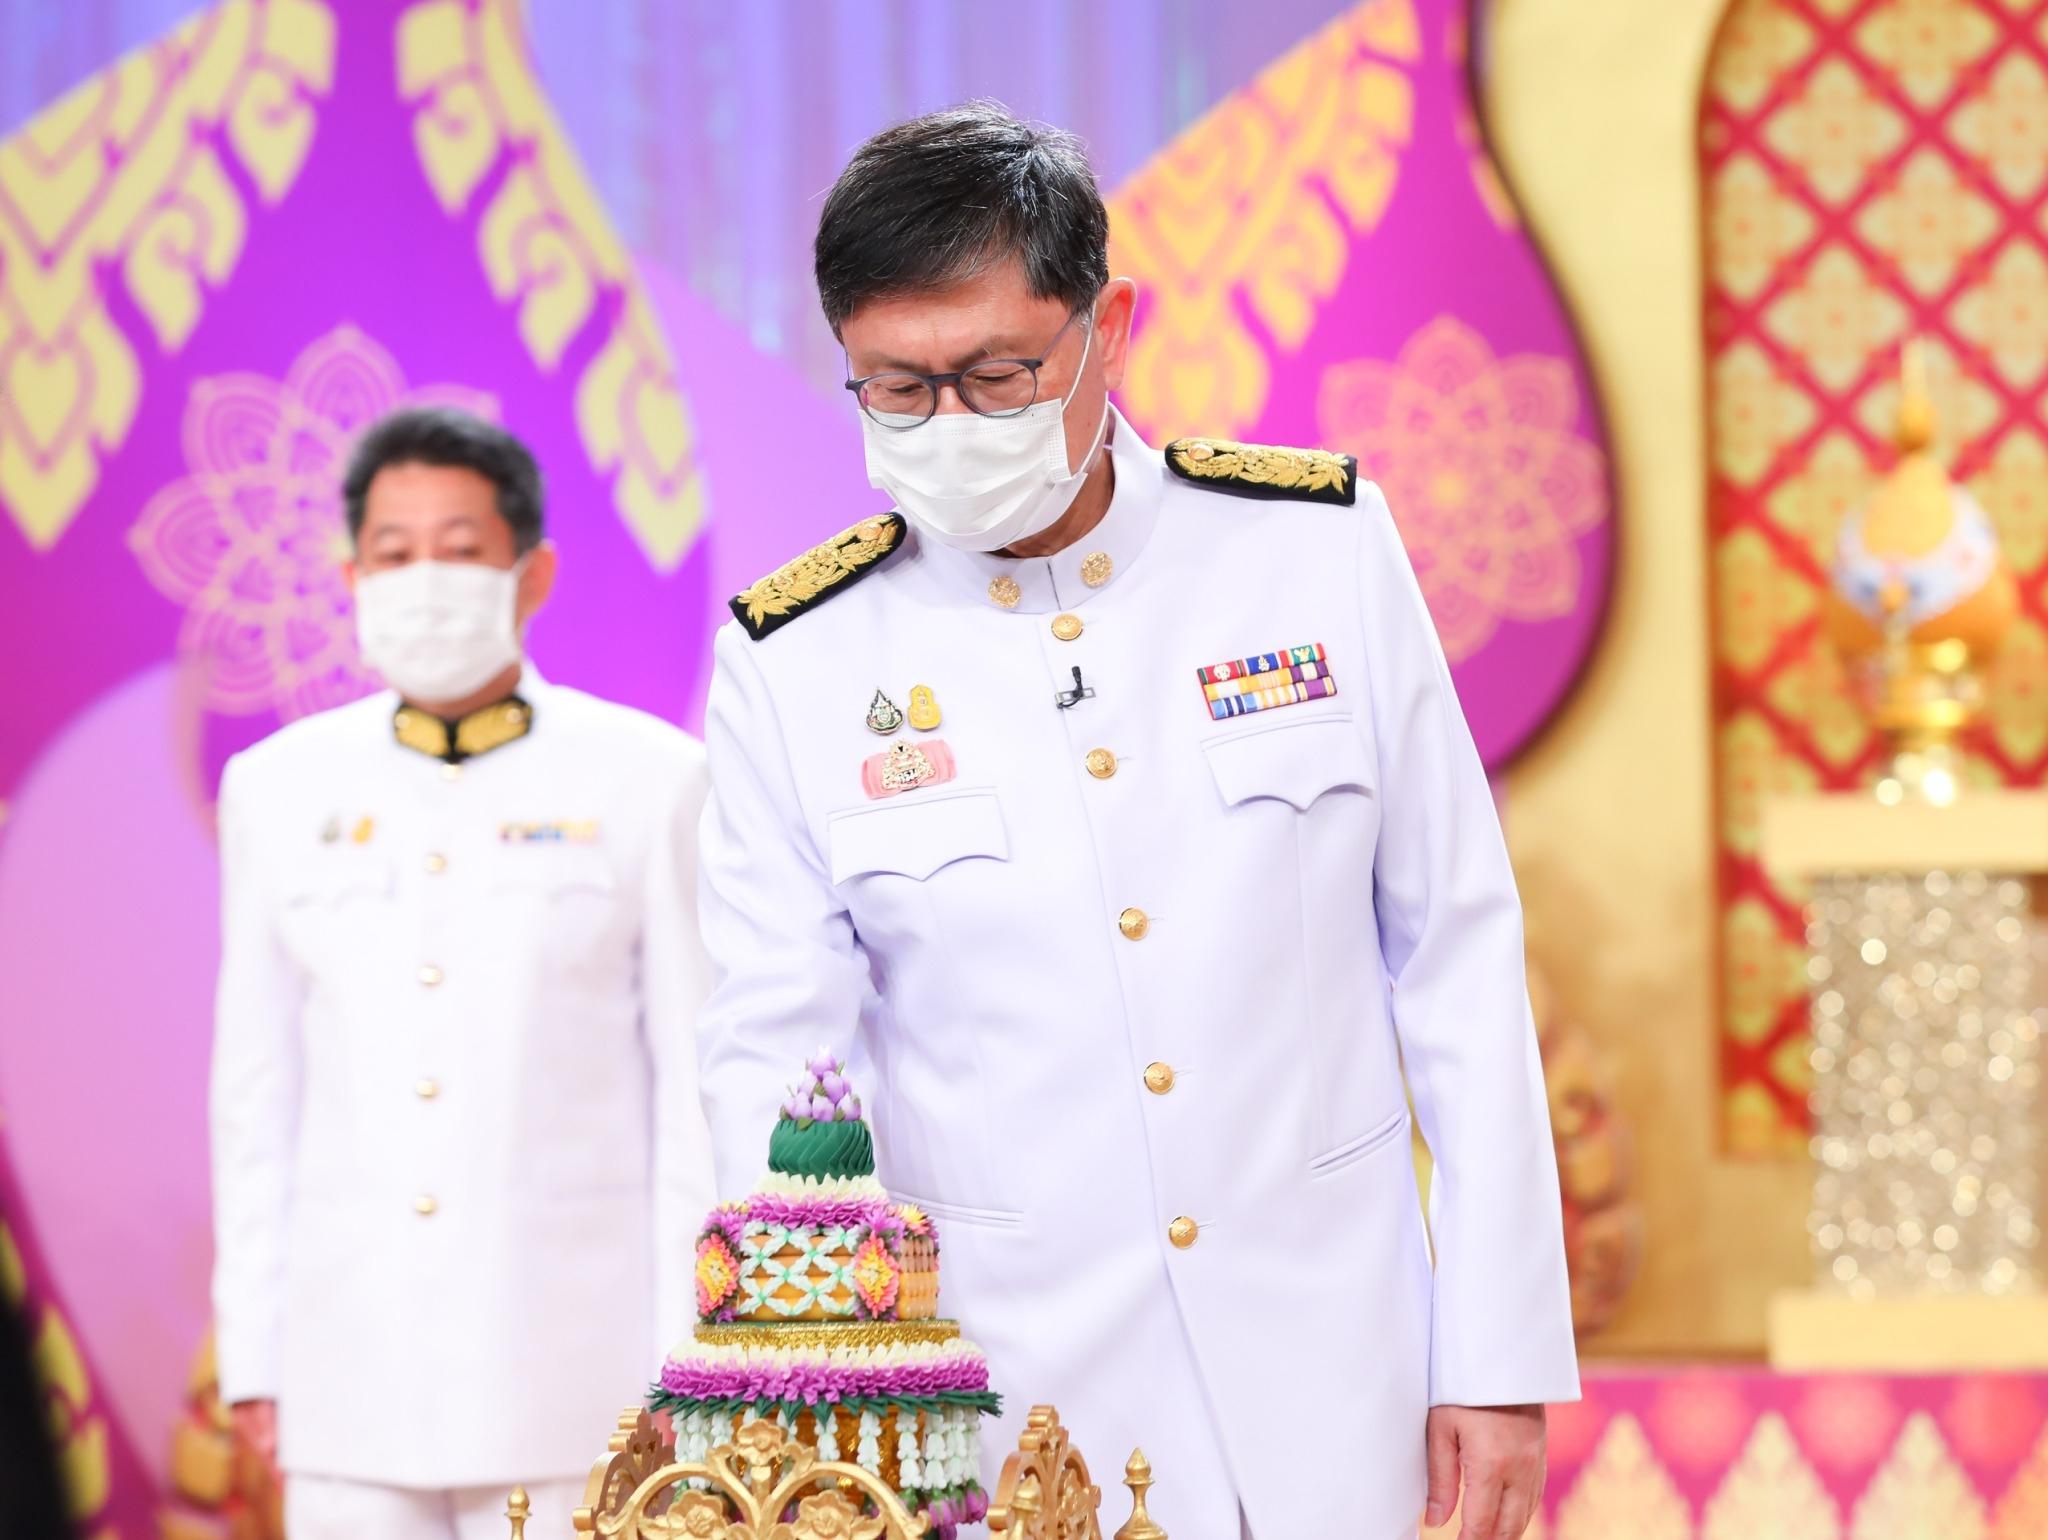 ข่าวรัฐมนตรี - บันทึกเทปถวายพระพร เนื่องในโอกาสมหามงคลเฉลิมพระชนมพรรษา  สมเด็จพระนางเจ้าสุทิดา พัชรสุธาพิมลลักษณ พระบรมราชินี